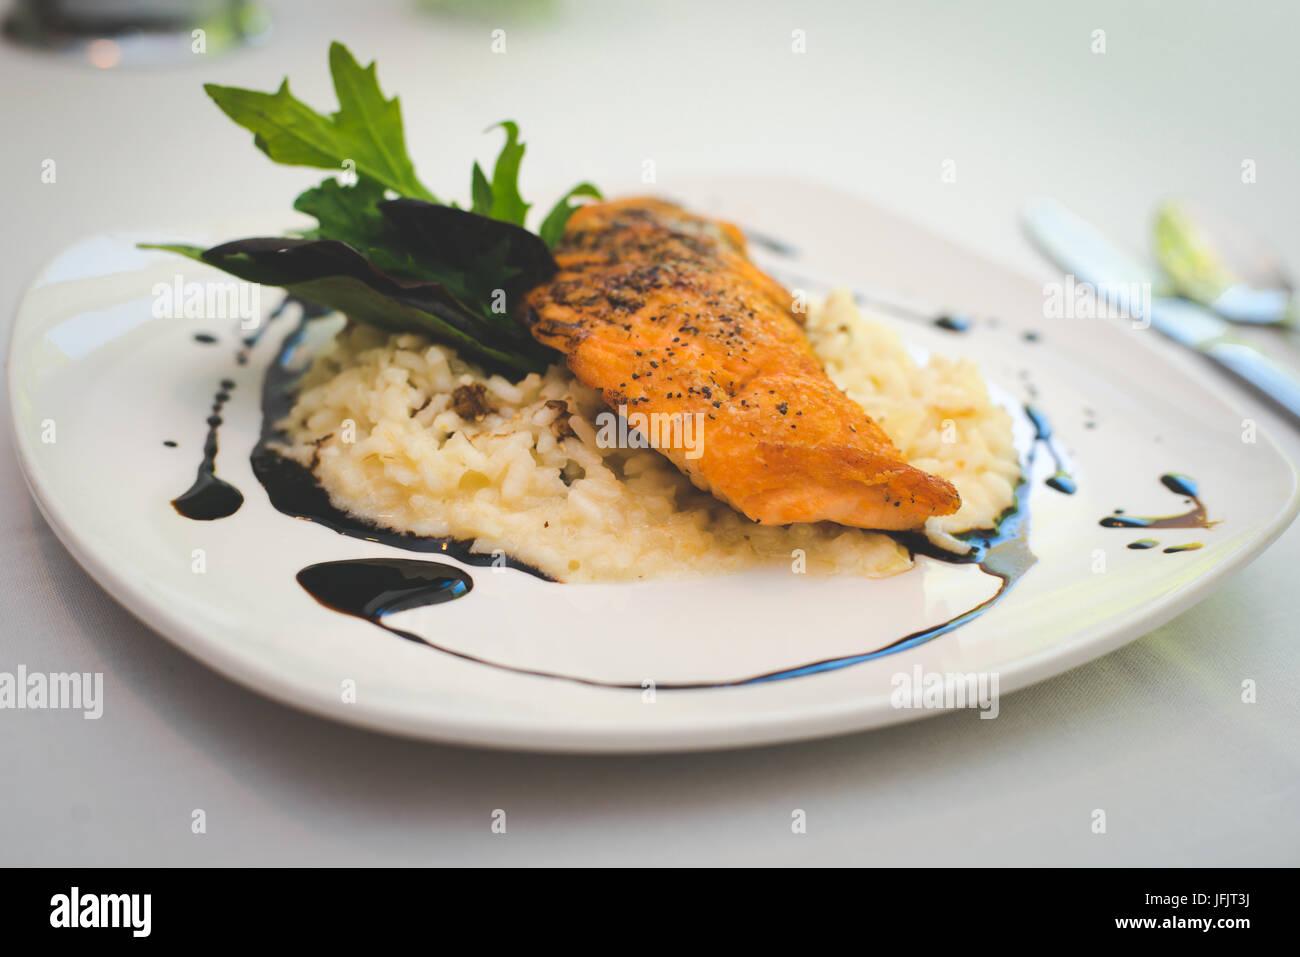 Sélectionnez restaurants vous proposent leurs aliments dans un chemin pittoresque. Banque D'Images